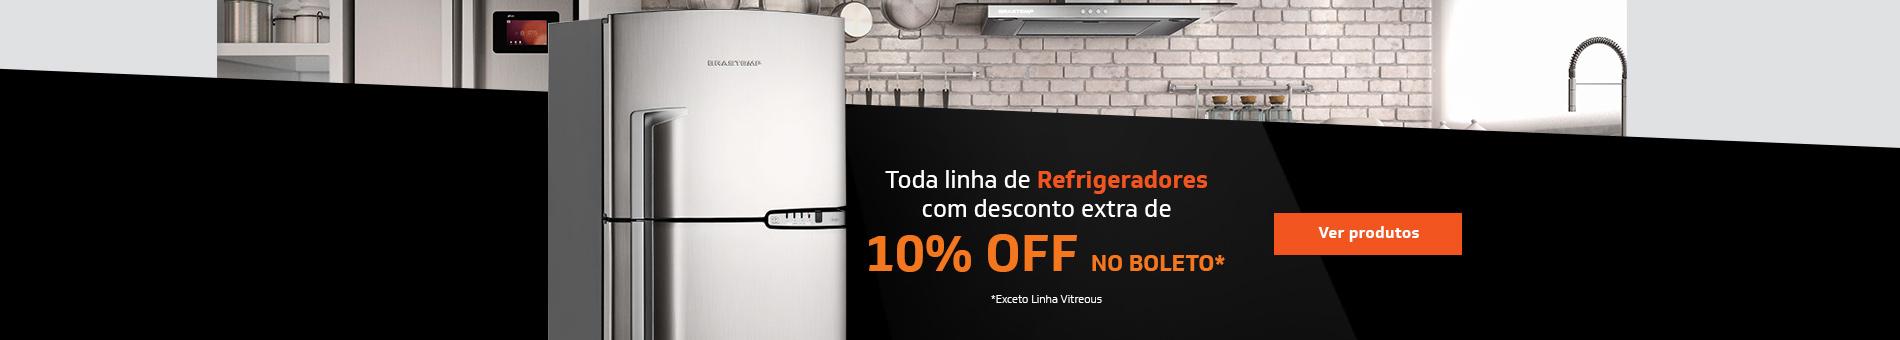 Promoção Interna - 886 - festivaldeofertas_refrigeradores_home1_23092016 - refrigeradores - 1